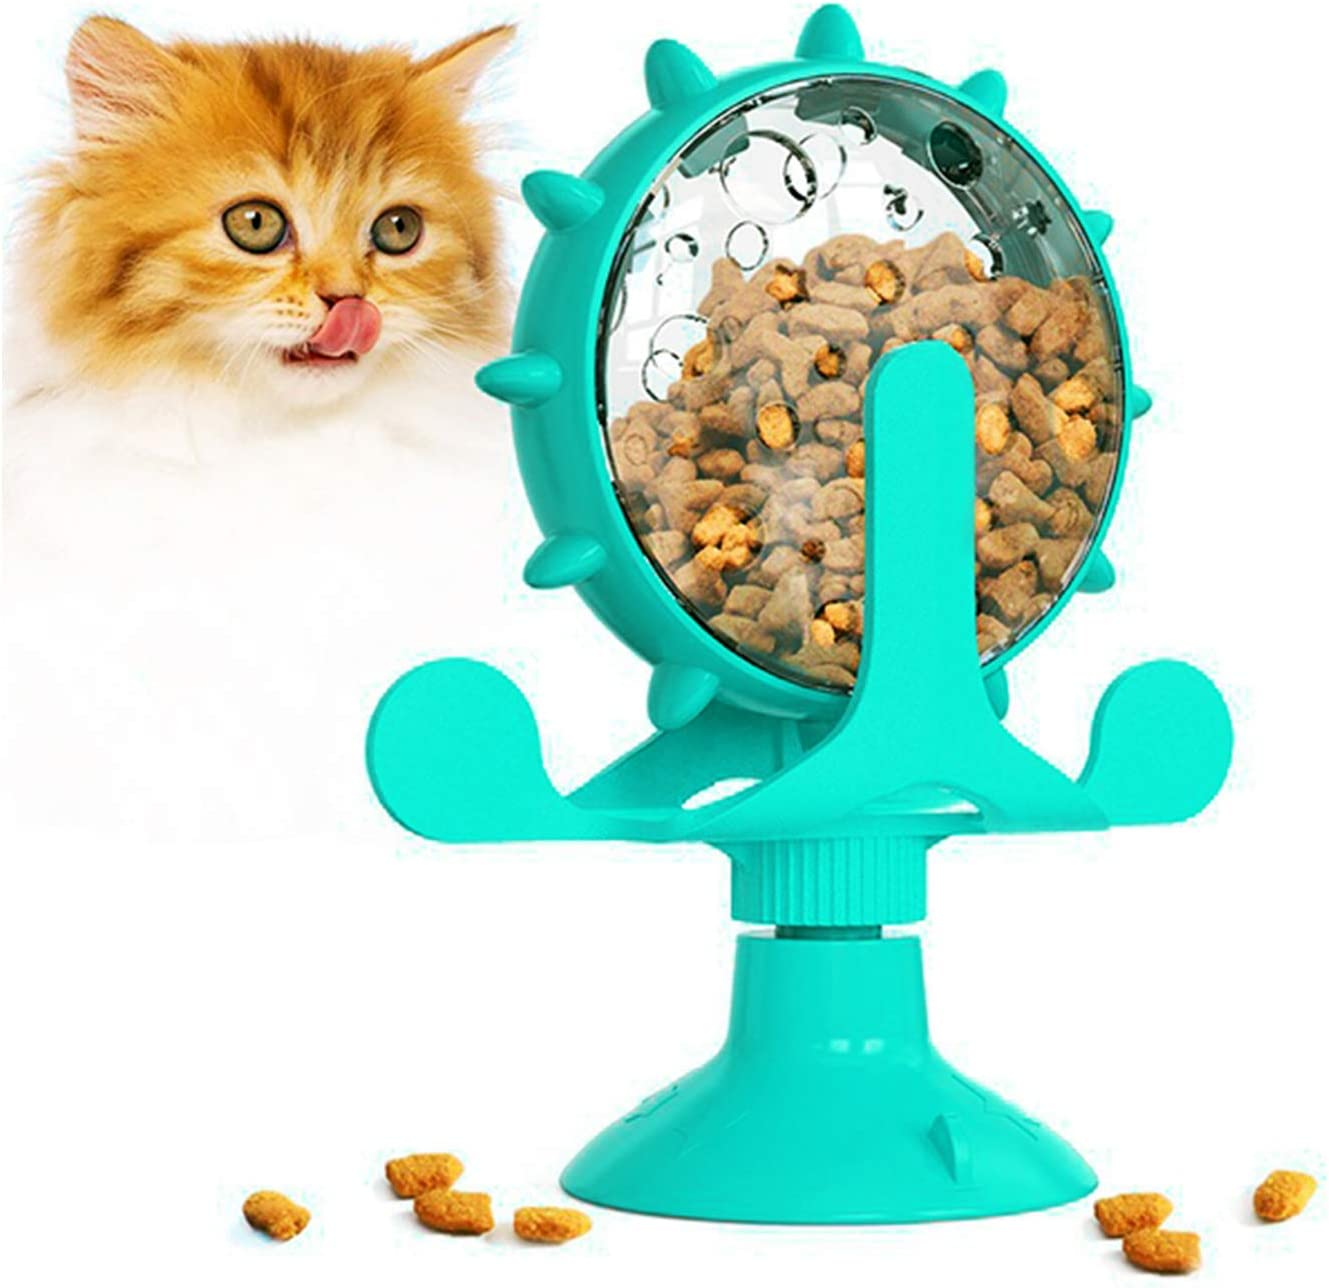 Juguete interactivo para gatos por sólo 10,62€